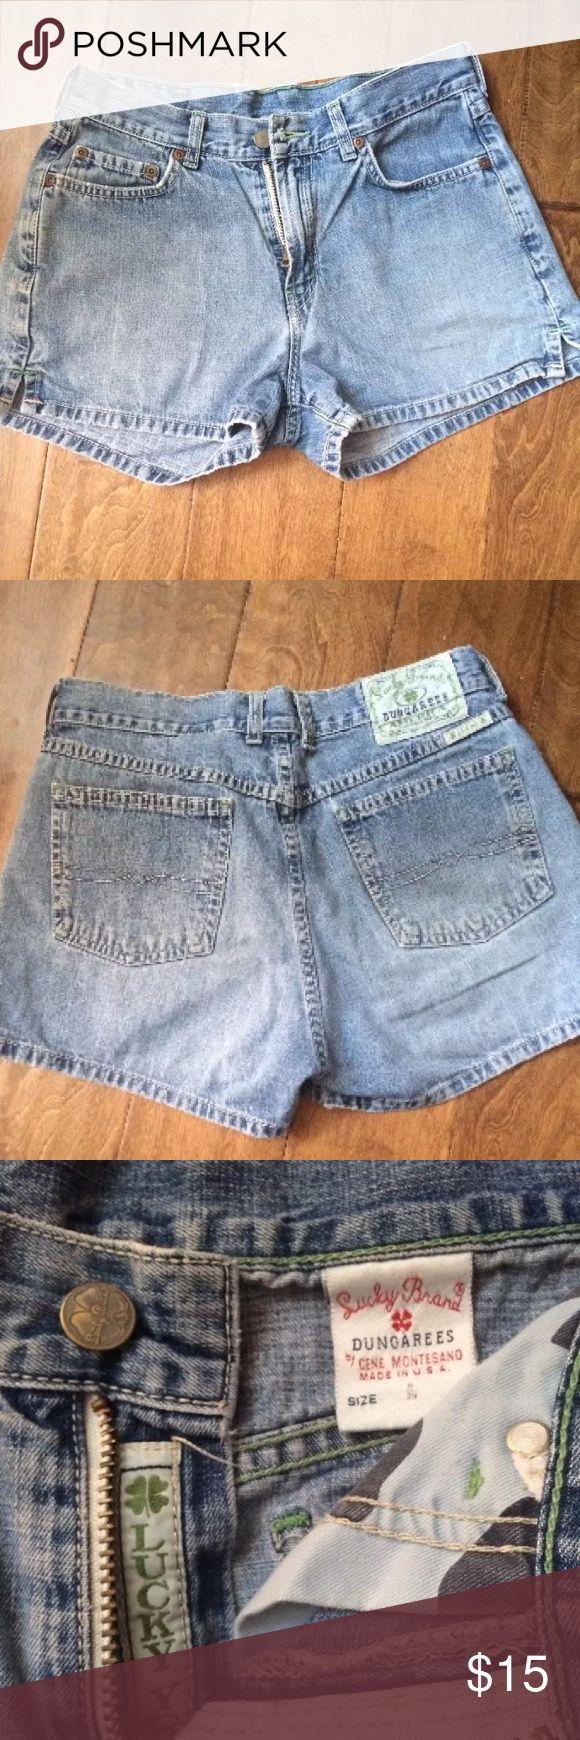 """LUCKY BRAND DUNGAREES High Waist SHORTS 8/29 LUCKY BRAND DUNGAREES High Waist WOMENS JEAN SHORTS Size 8/29 Actual 27"""" Waist Lucky Brand Shorts Jean Shorts"""